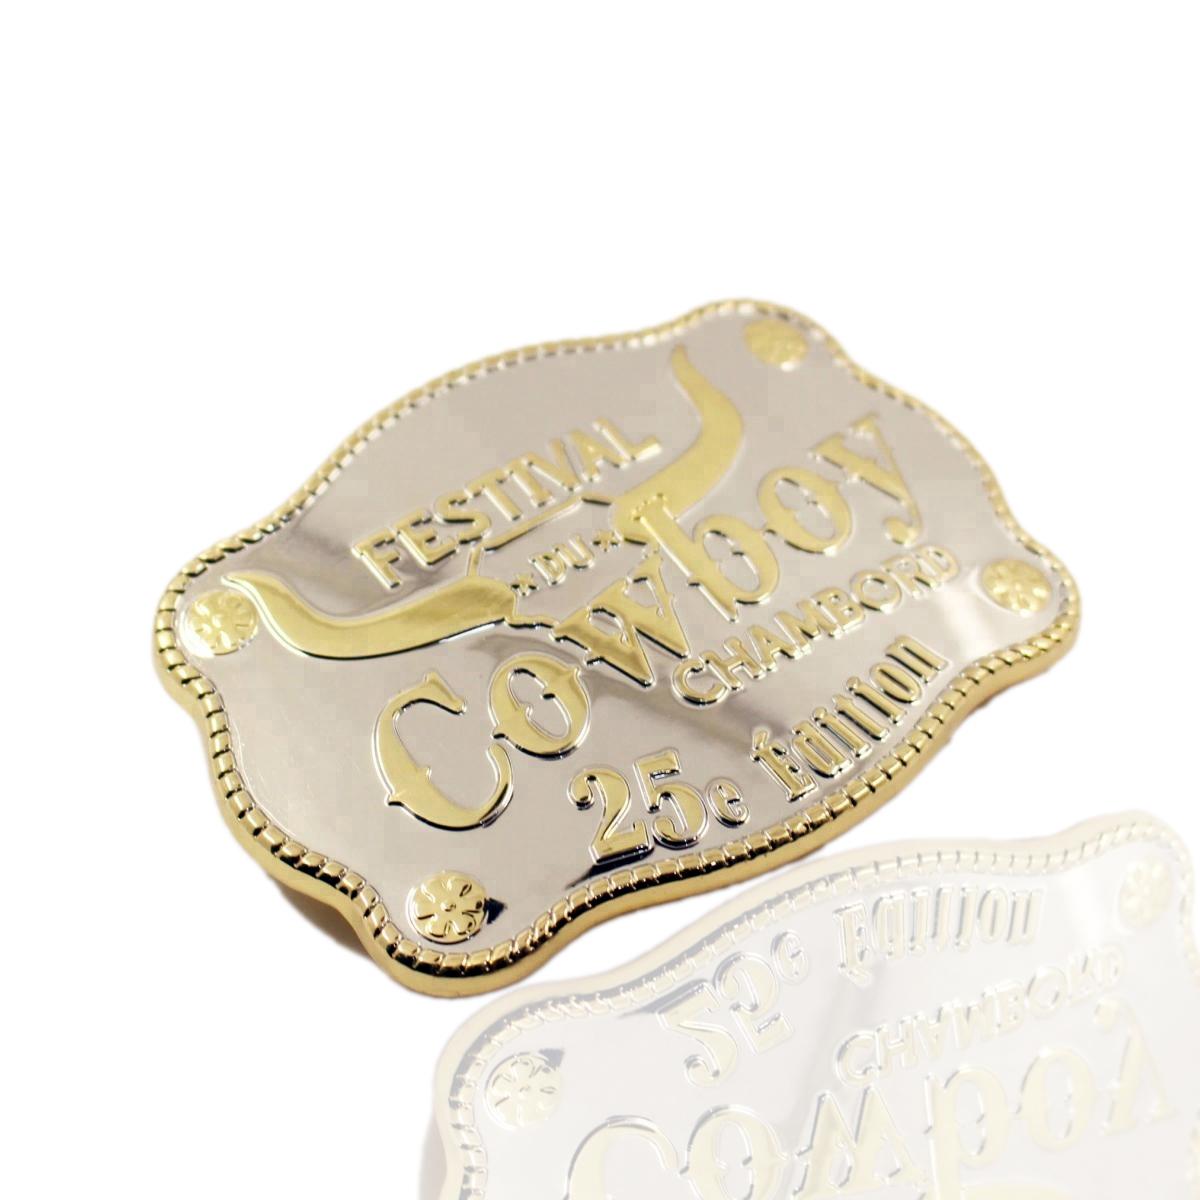 อุปกรณ์เสริมคุณภาพสูงโลหะผสมโลหะทองเหลืองHebillasรอก3Dชื่อผู้ชายเข็มขัดหัวเข็มขัด